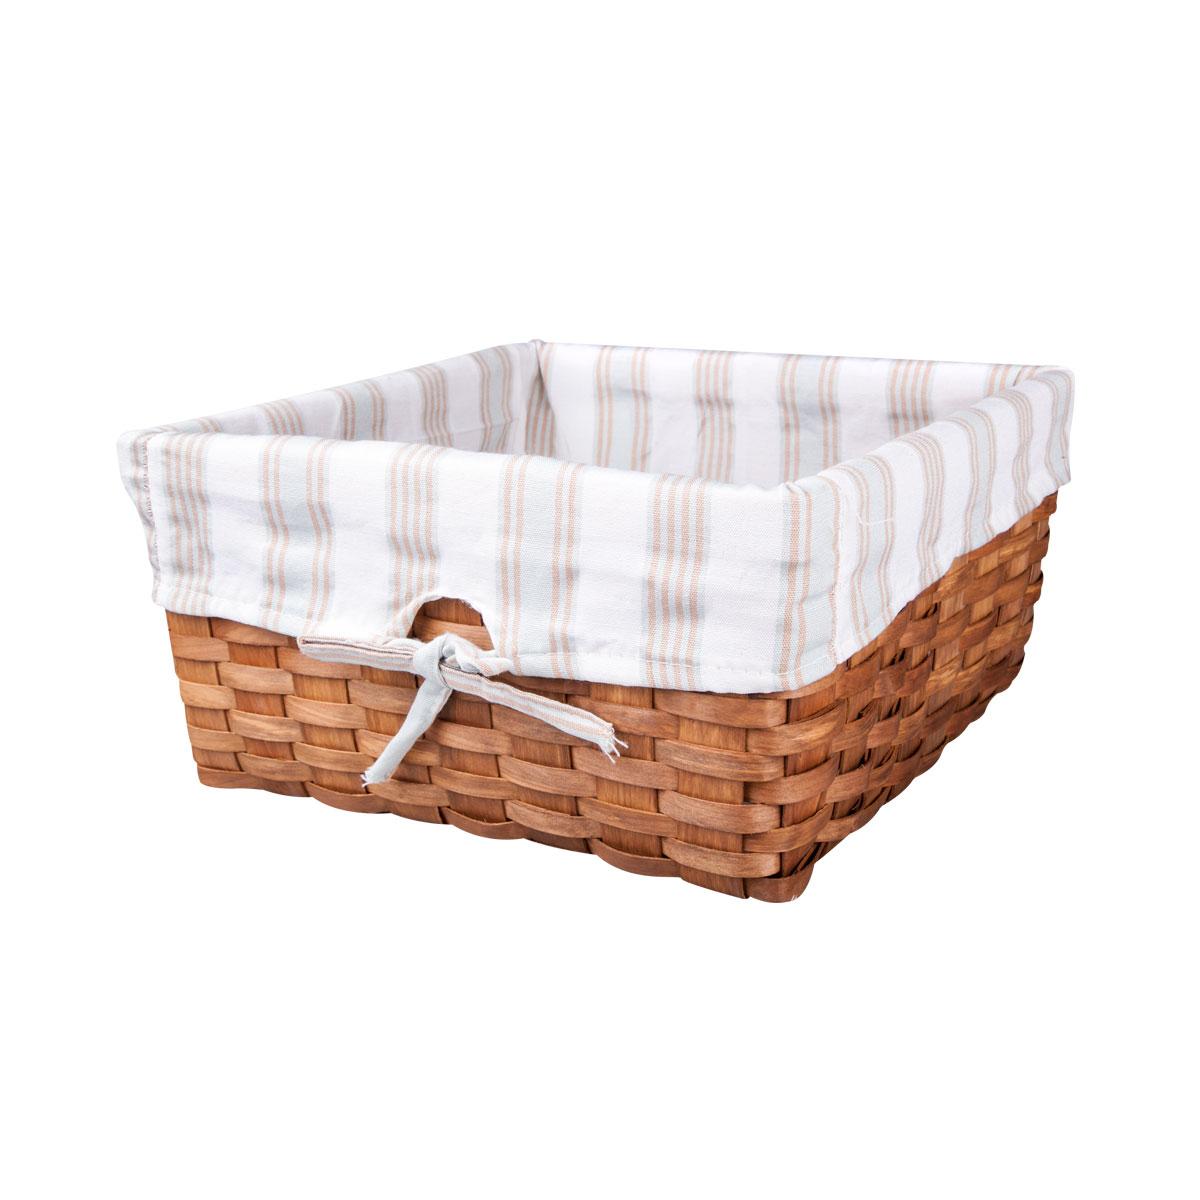 Корзина плетеная Miolla, 25 х 25 х 14 см. QL400339-MQL400339-MЛучшее решение для хранения вещей - корзина для хранения Miolla. Экономьте полезное пространство своего дома, уберите ненужные вещи в удобную корзину и используйте ее для хранения дорогих сердцу вещей, которые нужно сберечь в целости и сохранности.